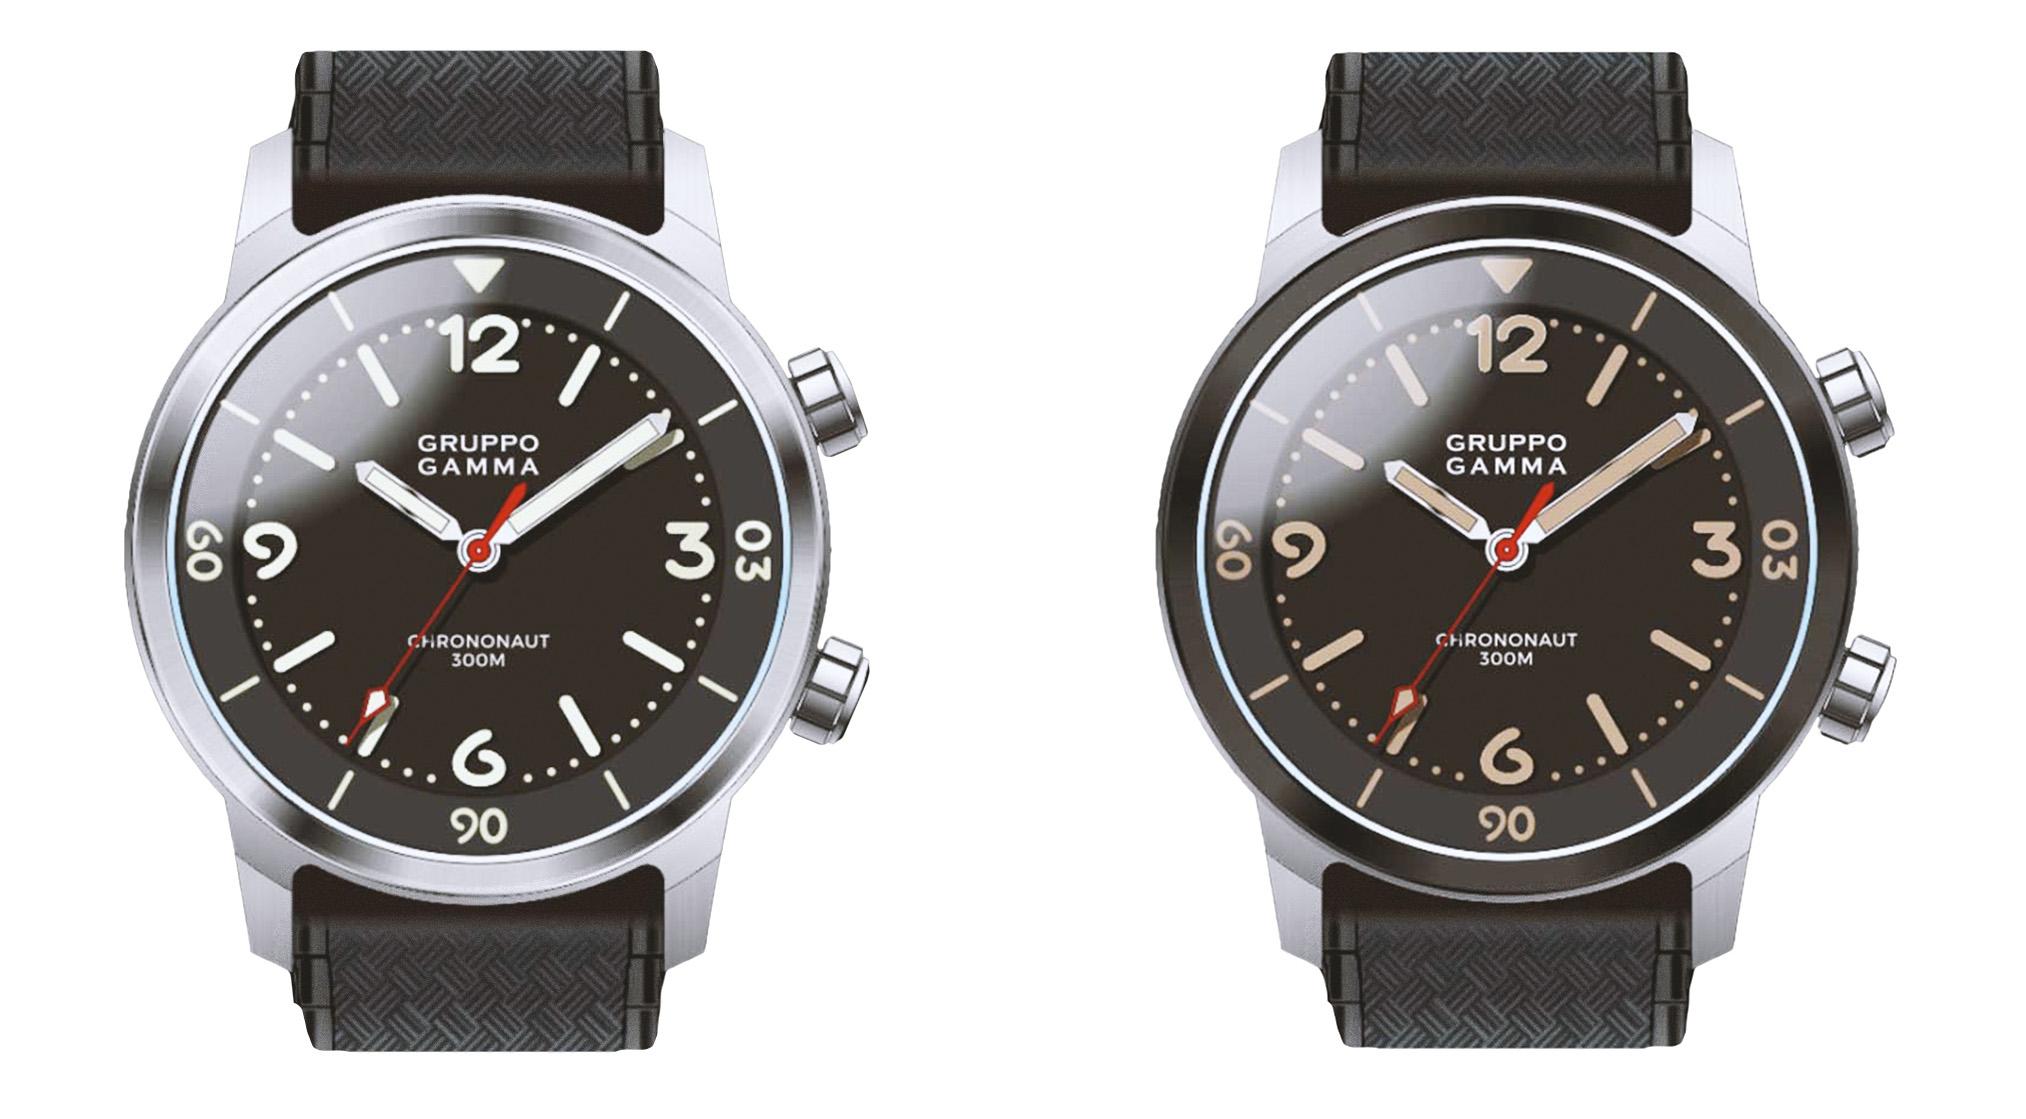 Gruppo Gamma Chrononaut Modelle c01 und c01r watchbandit